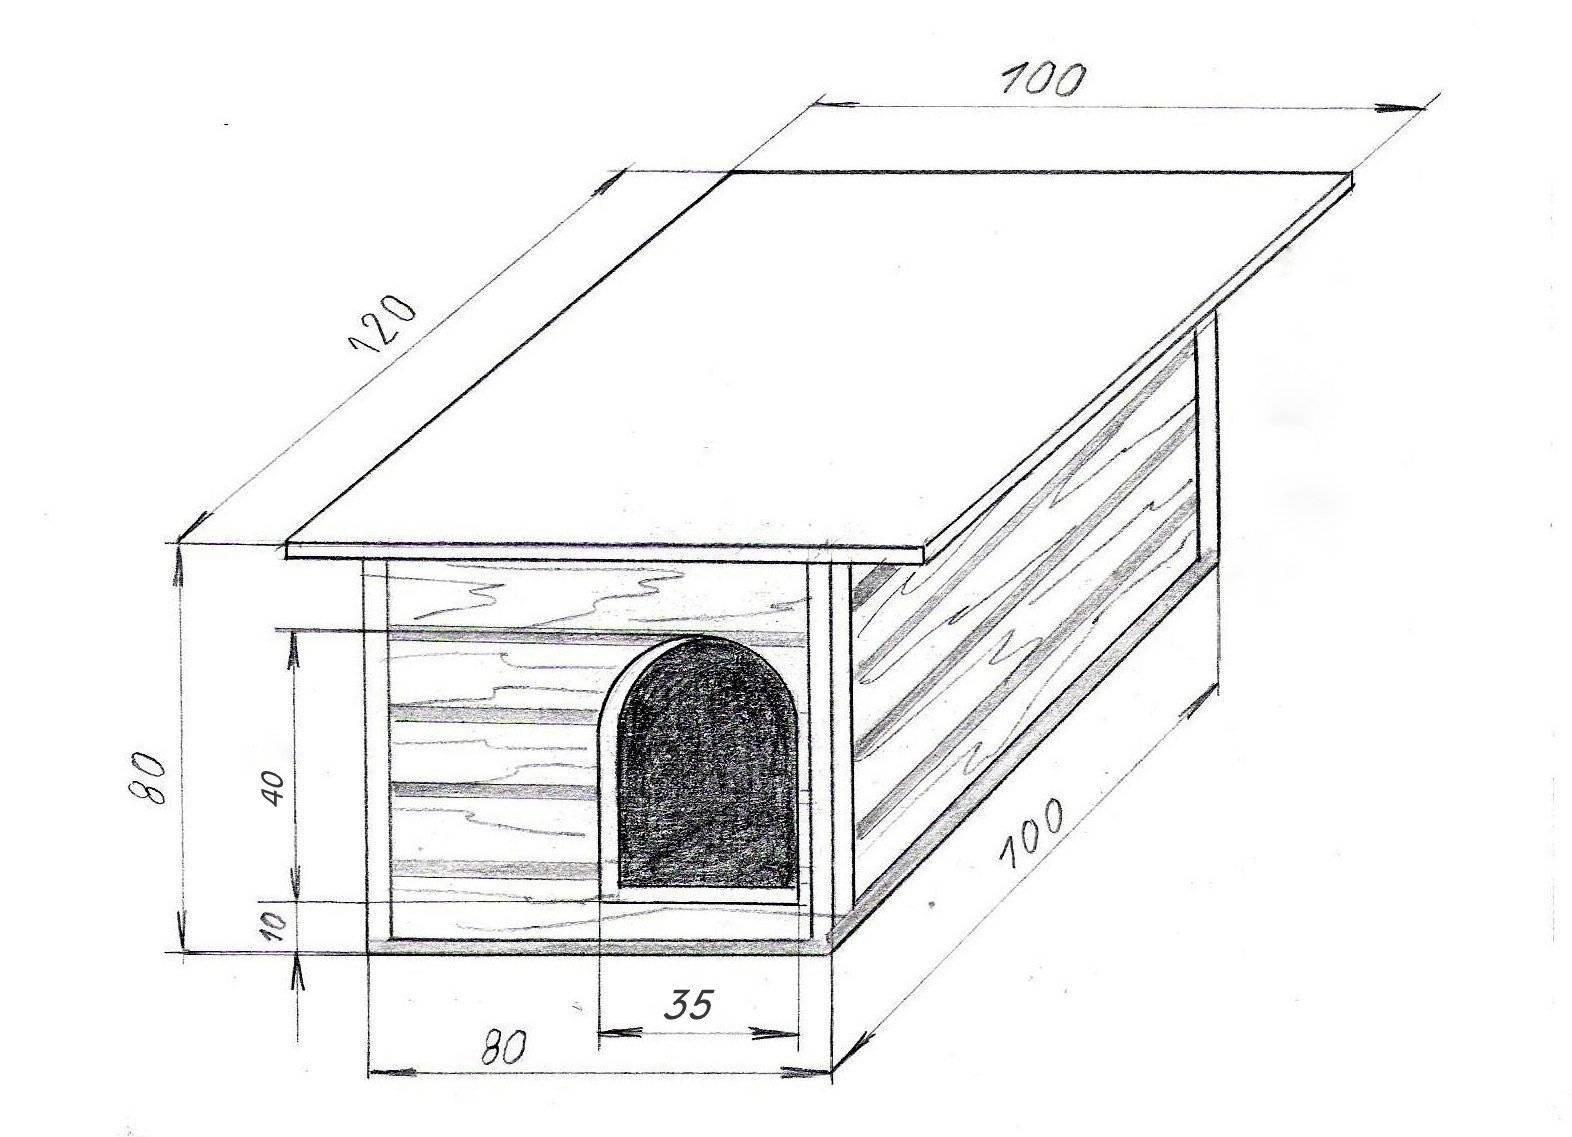 Чертежи и размеры вольера и будки для восточноевропейской овчарки, инструкция по постройке конуры своими руками (фото)